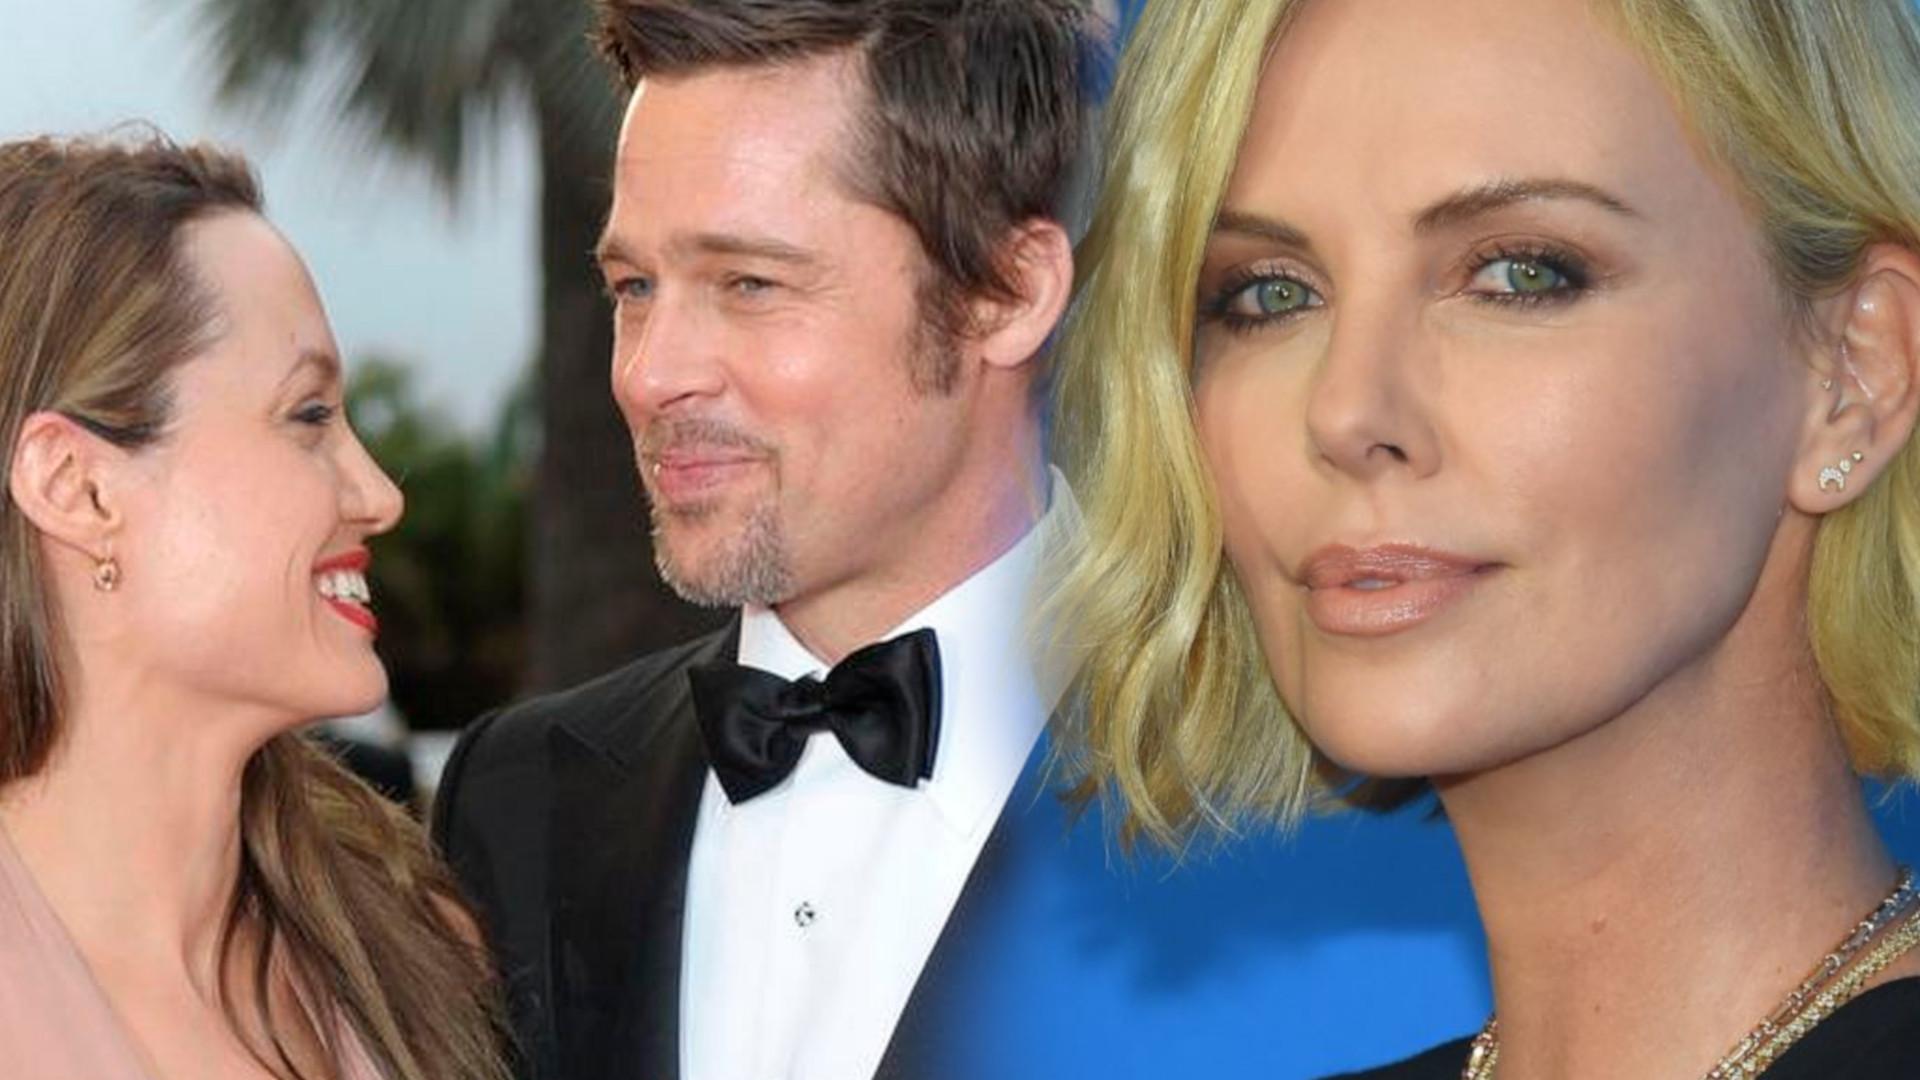 Charlize Theron i Brad Pitt mają gorący romans! Znane są pikantne szczegóły